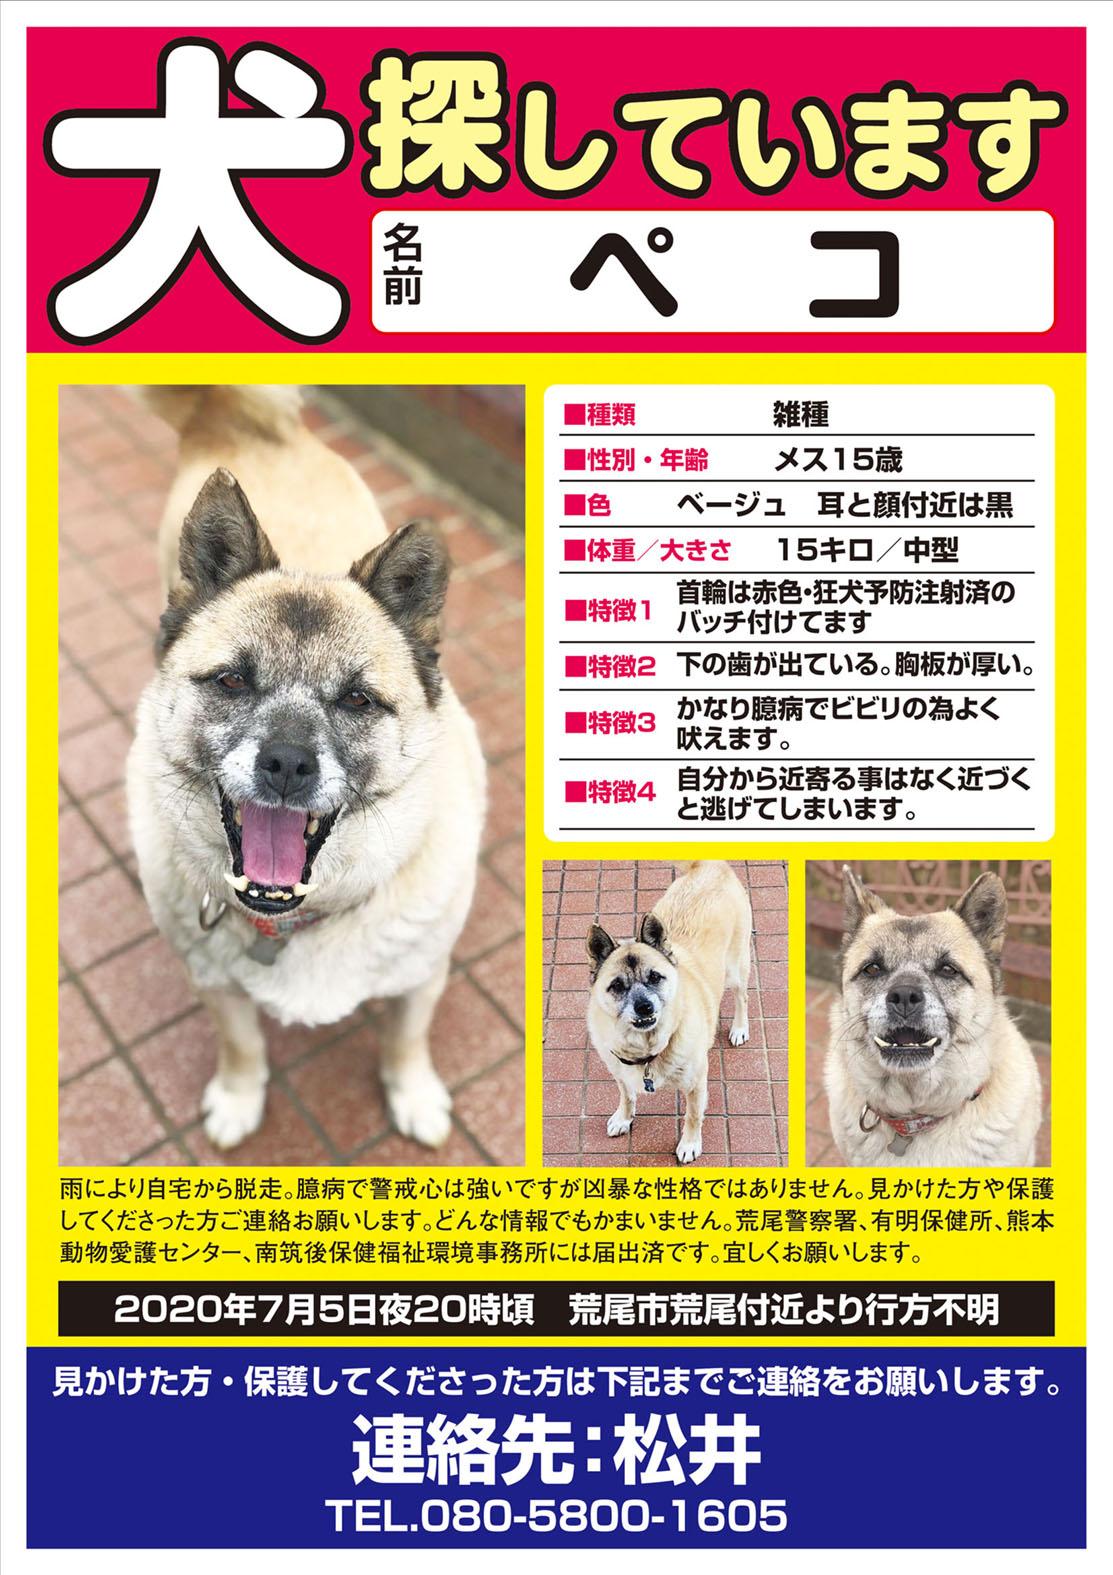 迷い犬 ペコちゃん